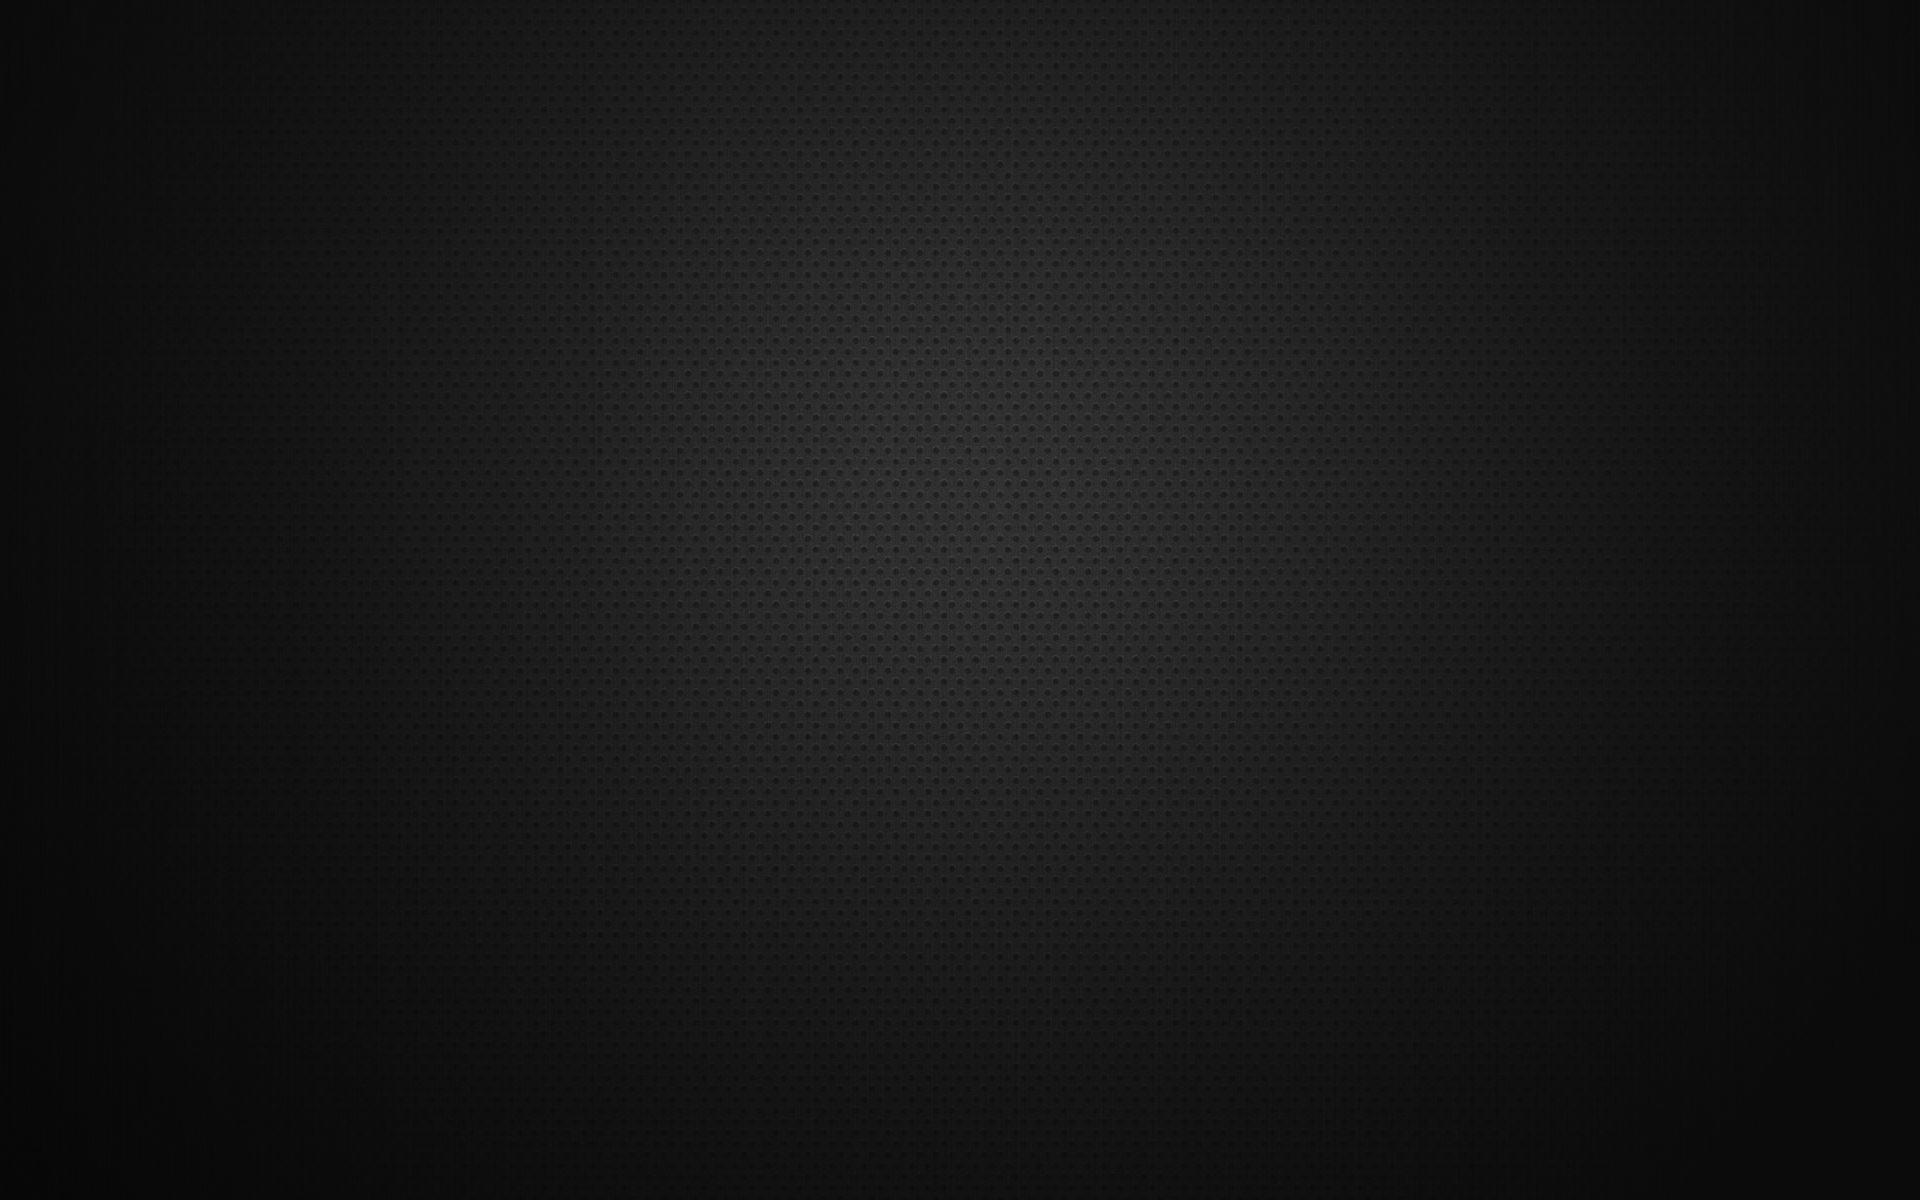 чёрная картинка скачать